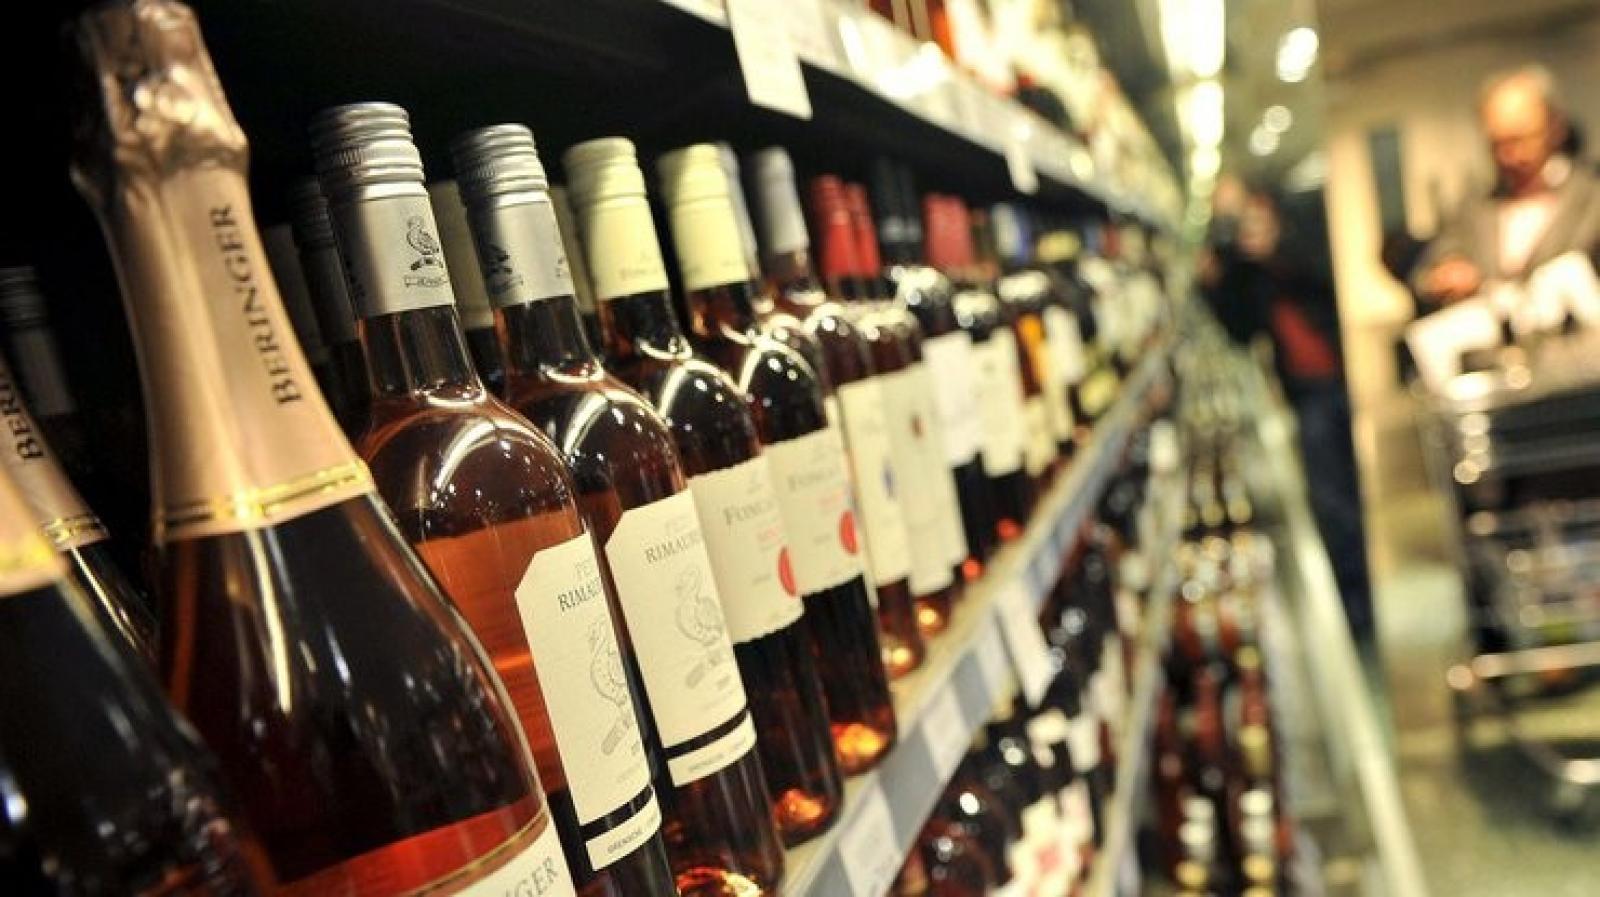 На наступній сесії Чернівецької міськради,  розглядатимуть питання про обмеження продажу алкоголю у нічний час